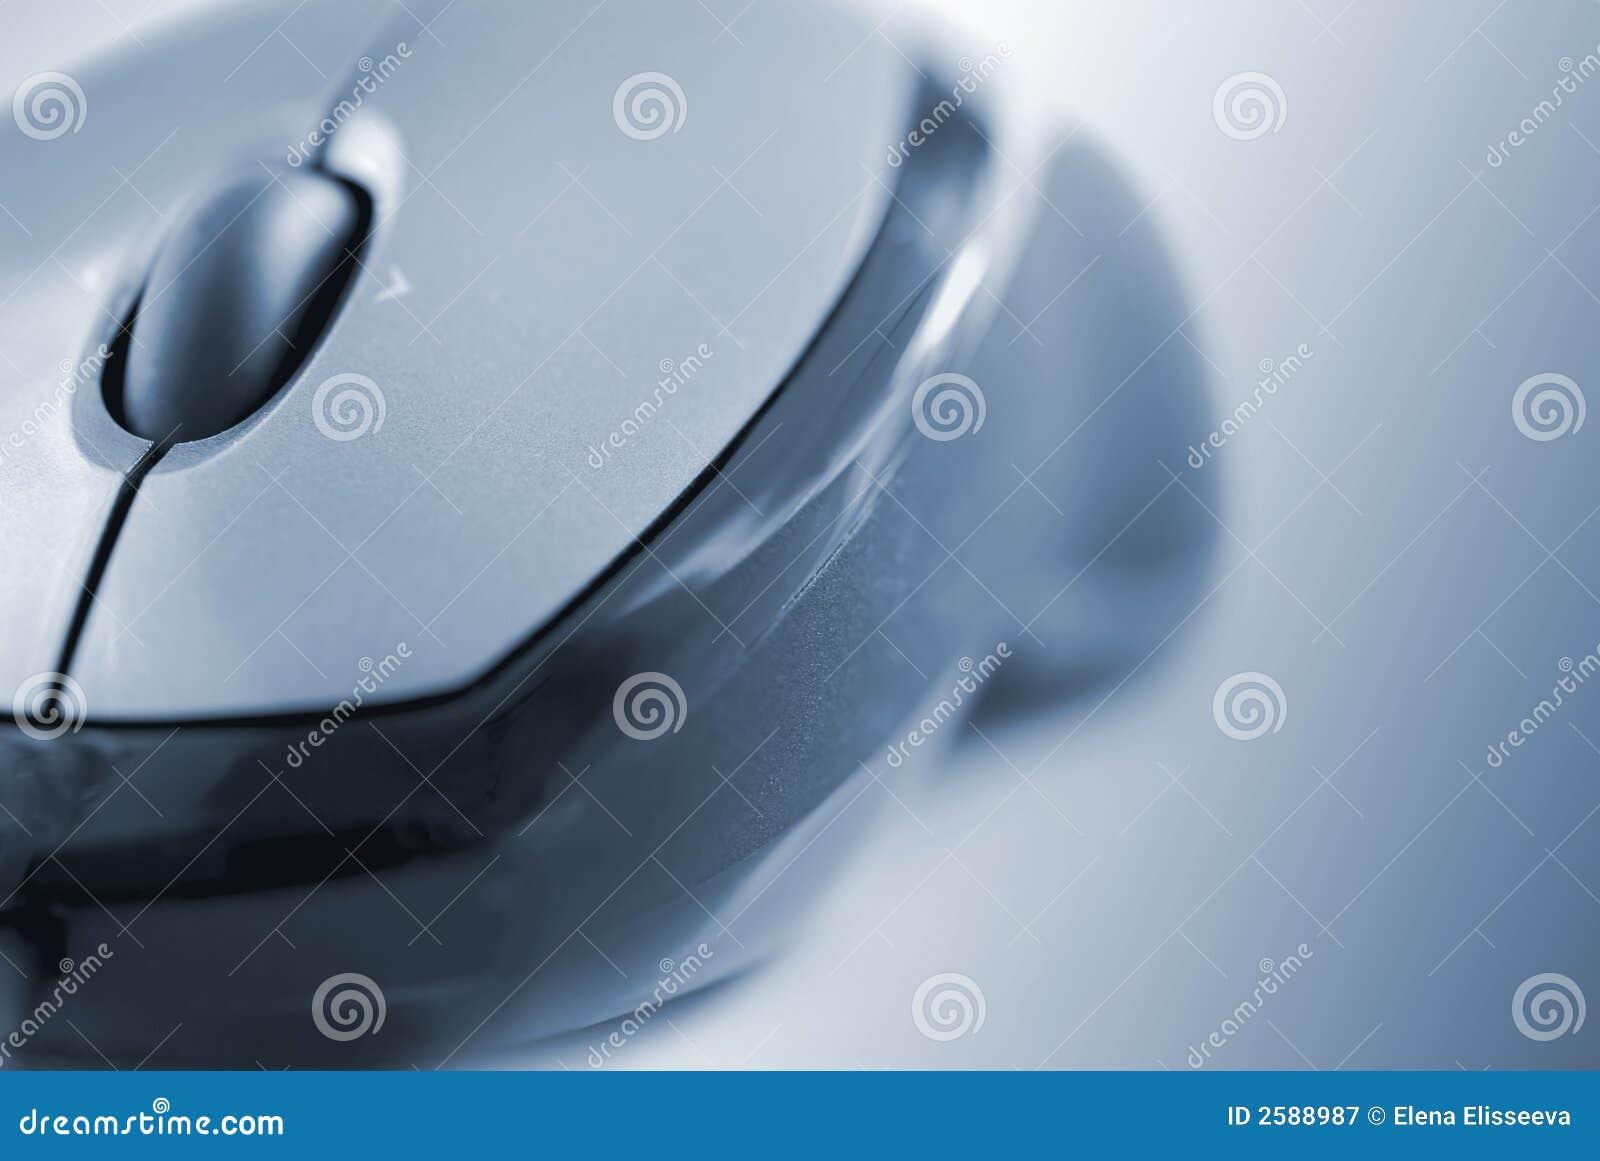 De muis van de computer